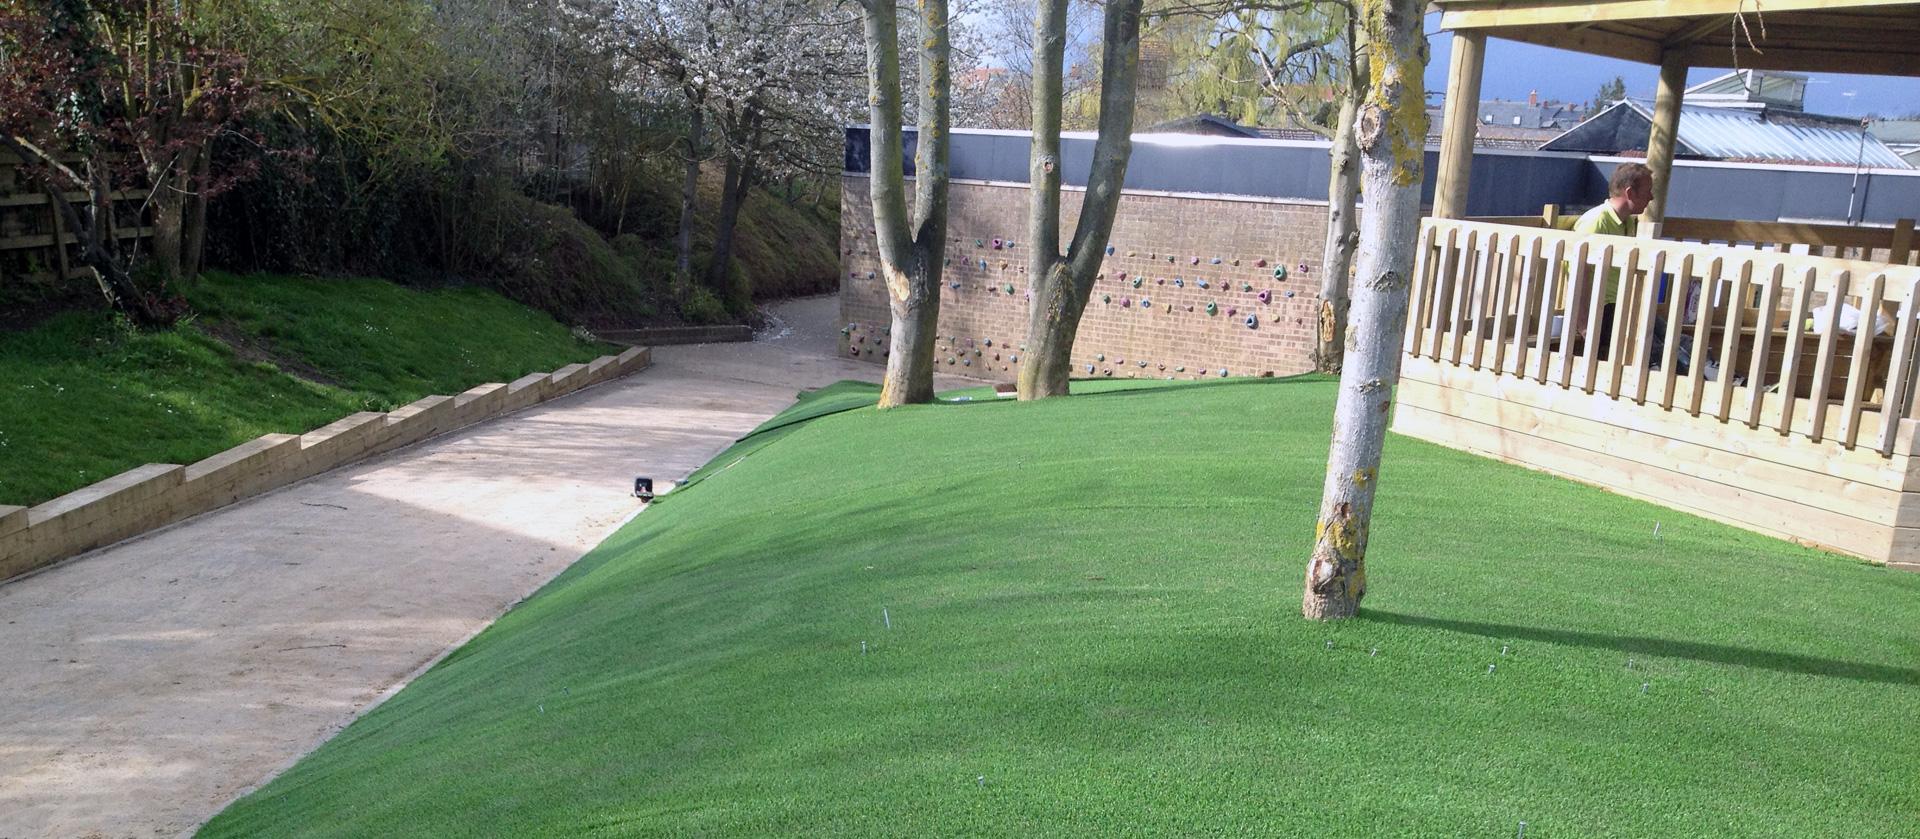 artificial-grass-slide-2